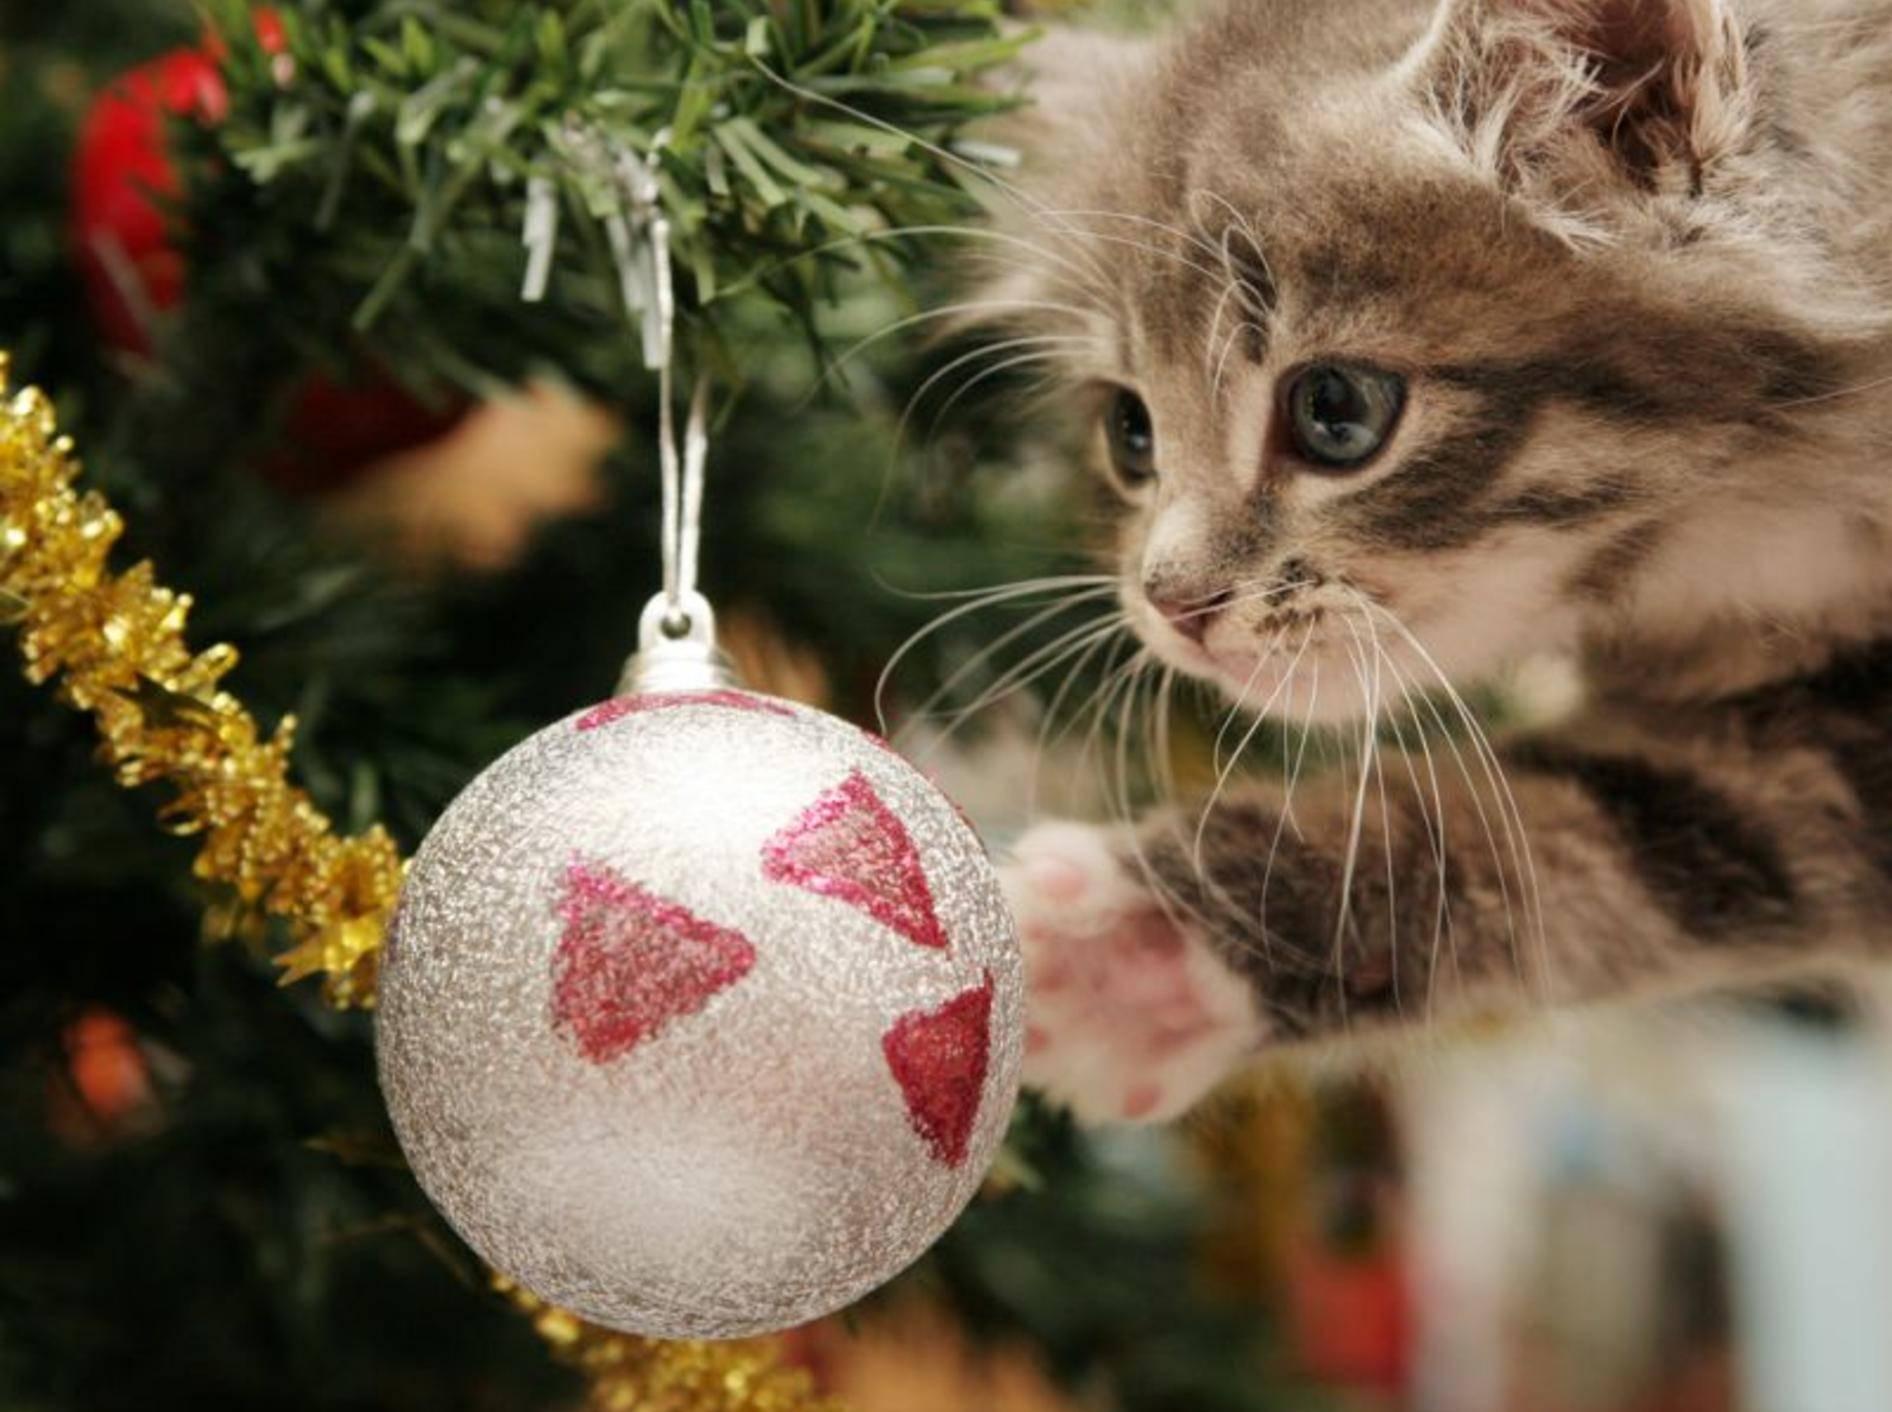 Ein Haustier als Last-Minute-Geschenk? Keine gute Idee – Foto: Shutterstock / Sue McDonald